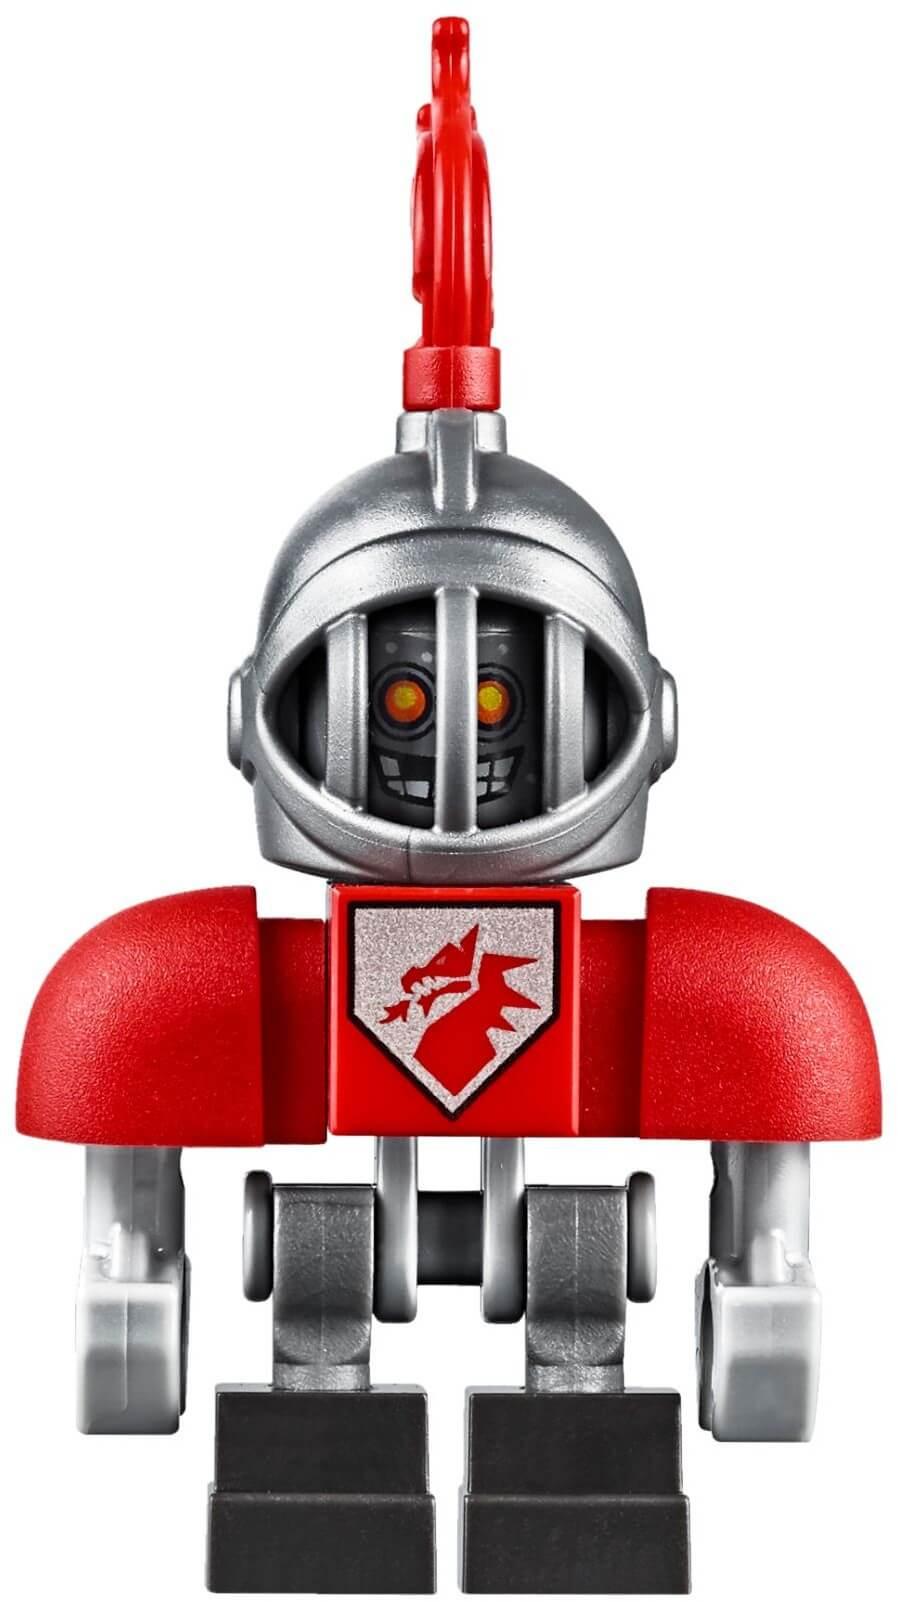 Mua đồ chơi LEGO 70319 - LEGO Nexo Knights 70319 - Siêu Xe Chùy Sấm Sét của Macy (LEGO Nexo Knights Macy's Thunder Mace 70319)